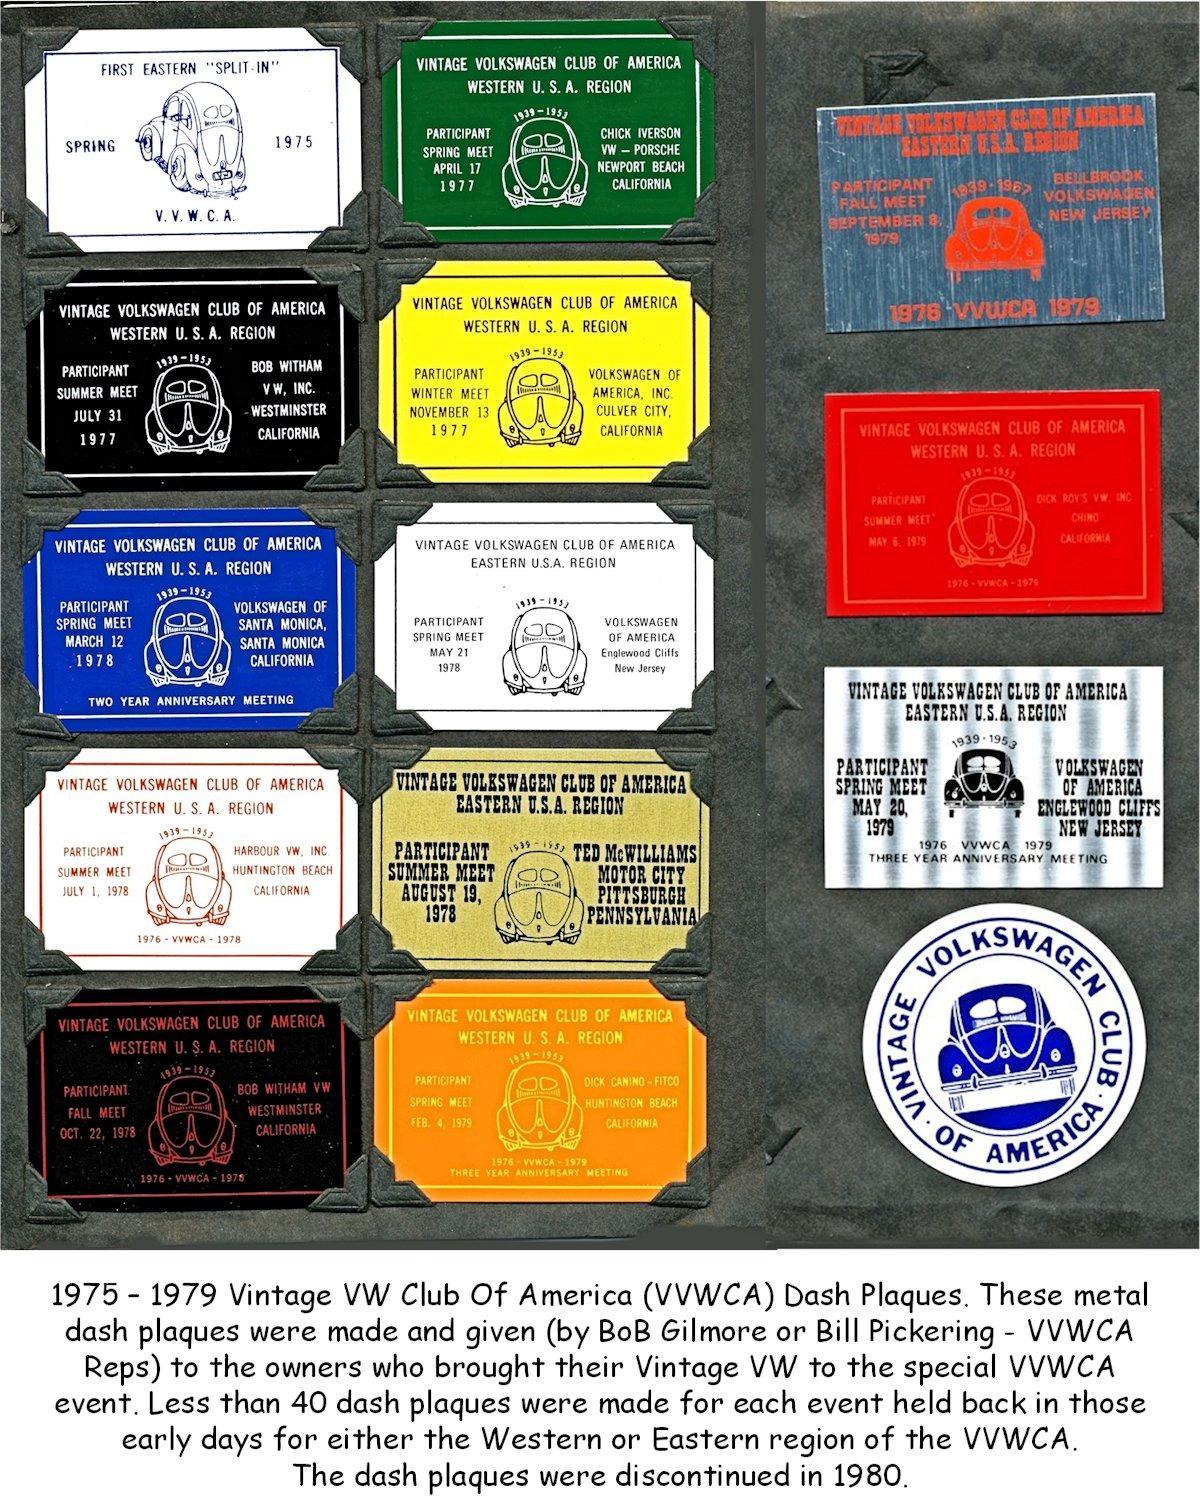 1975 – 1979 Vintage VW Club Of America (VVWCA) Dash Plaques